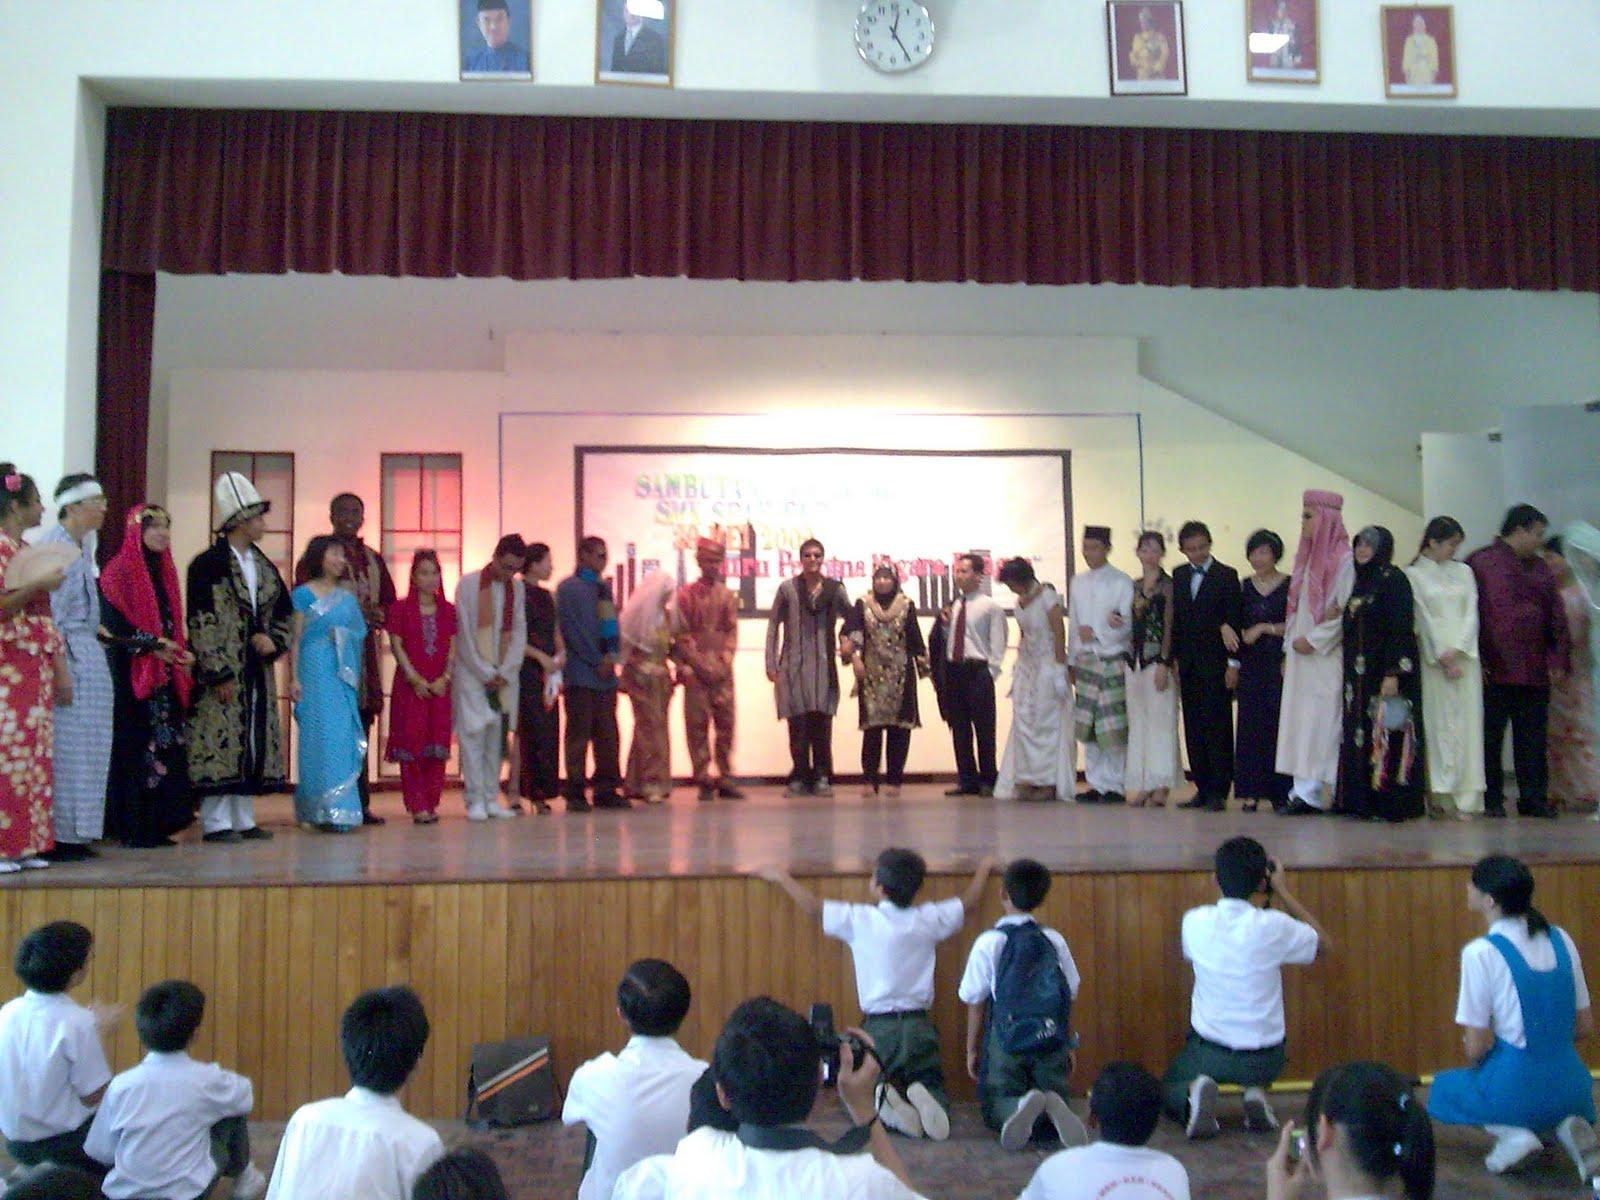 Koleksi Soalan Percubaan Upsr 2012 Negeri Perak sehari dalam sejarah